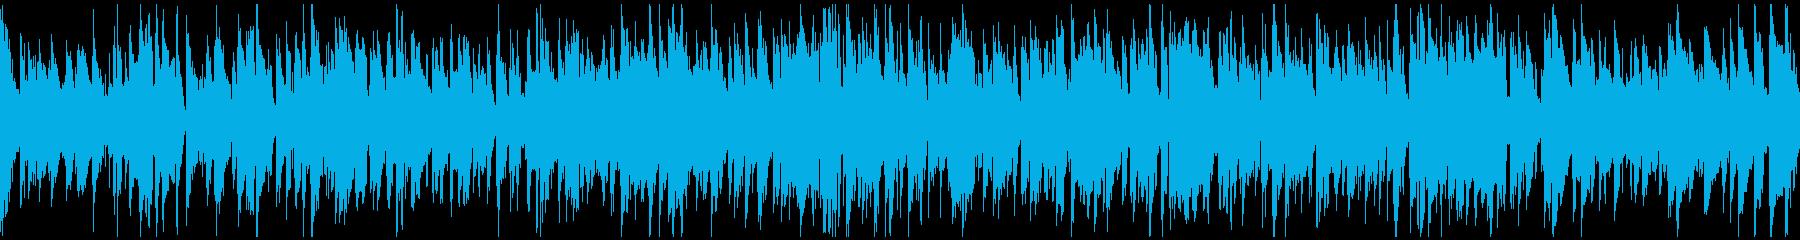 大人のジャズ、お洒落なスイング※ループ版の再生済みの波形